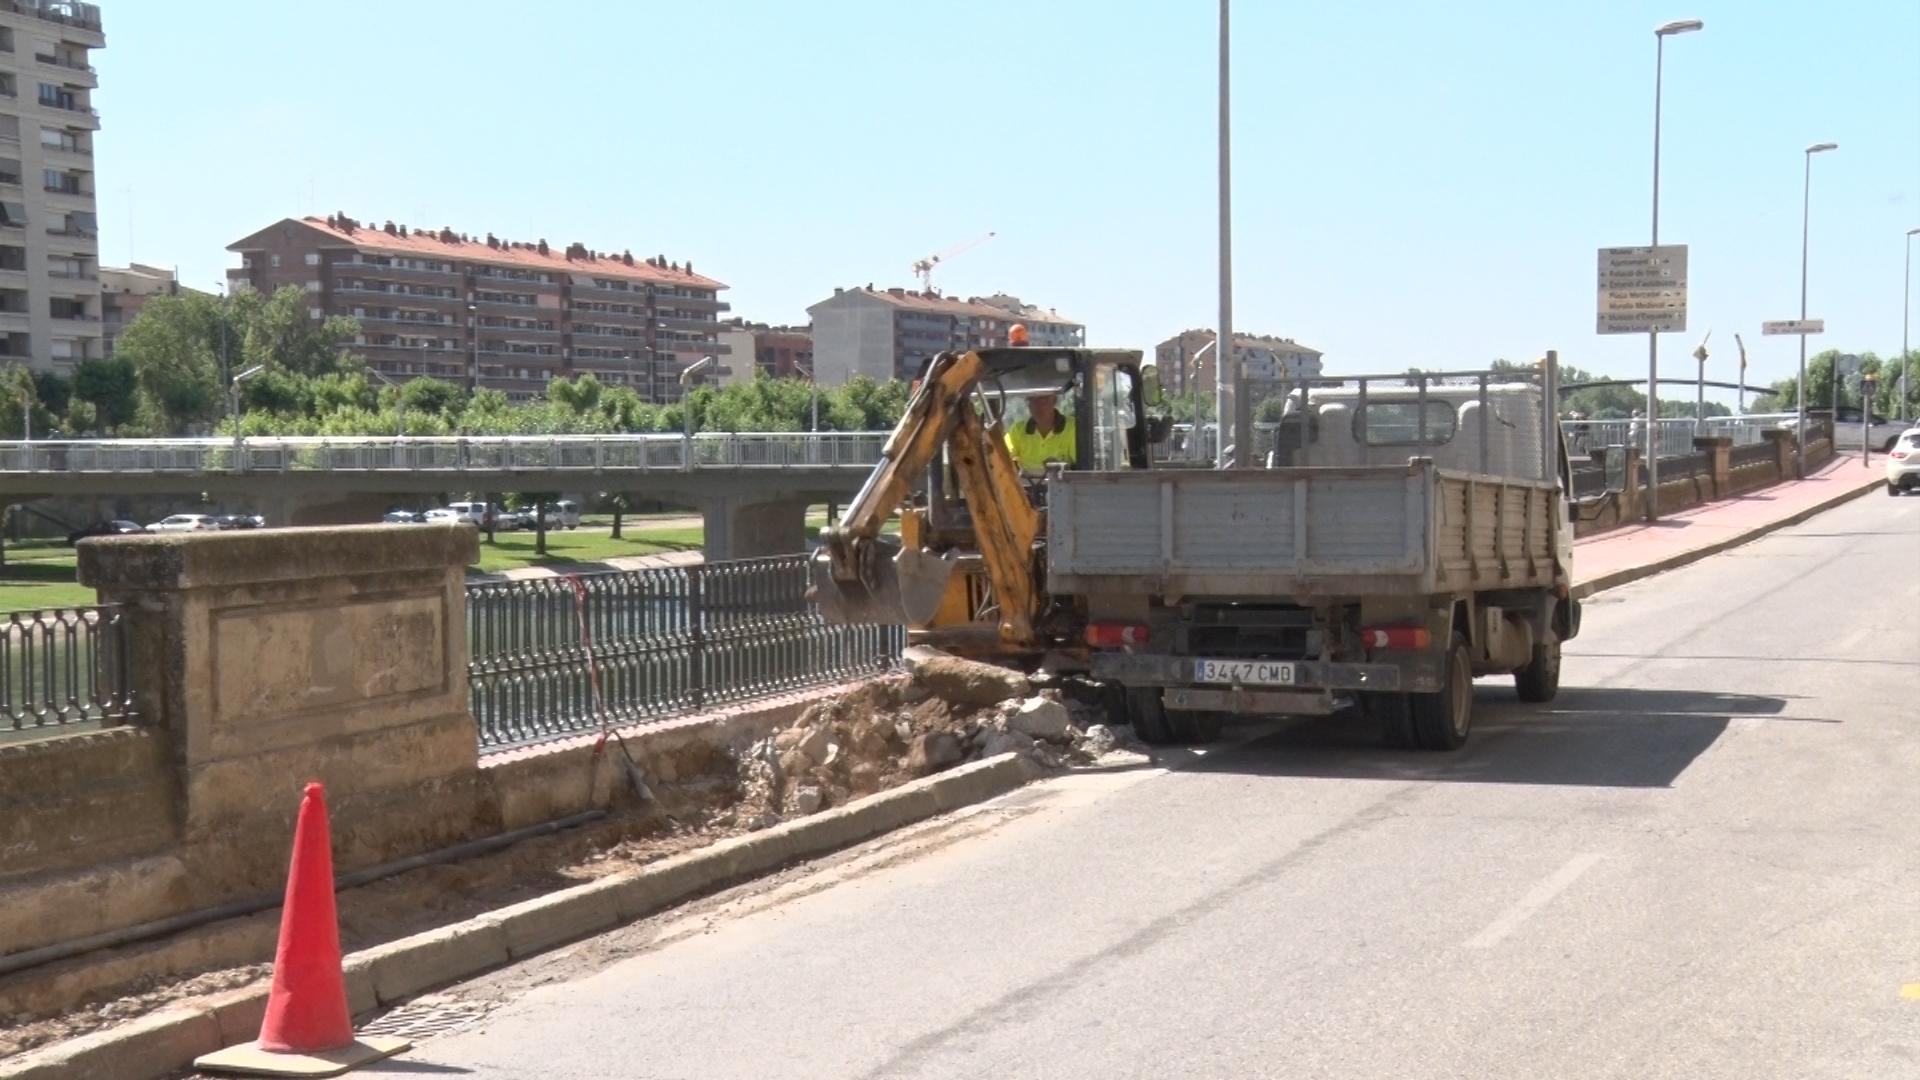 L'Ajuntament de Balaguer inicia les obres de millora al carrer la Banqueta per evitar inundacions